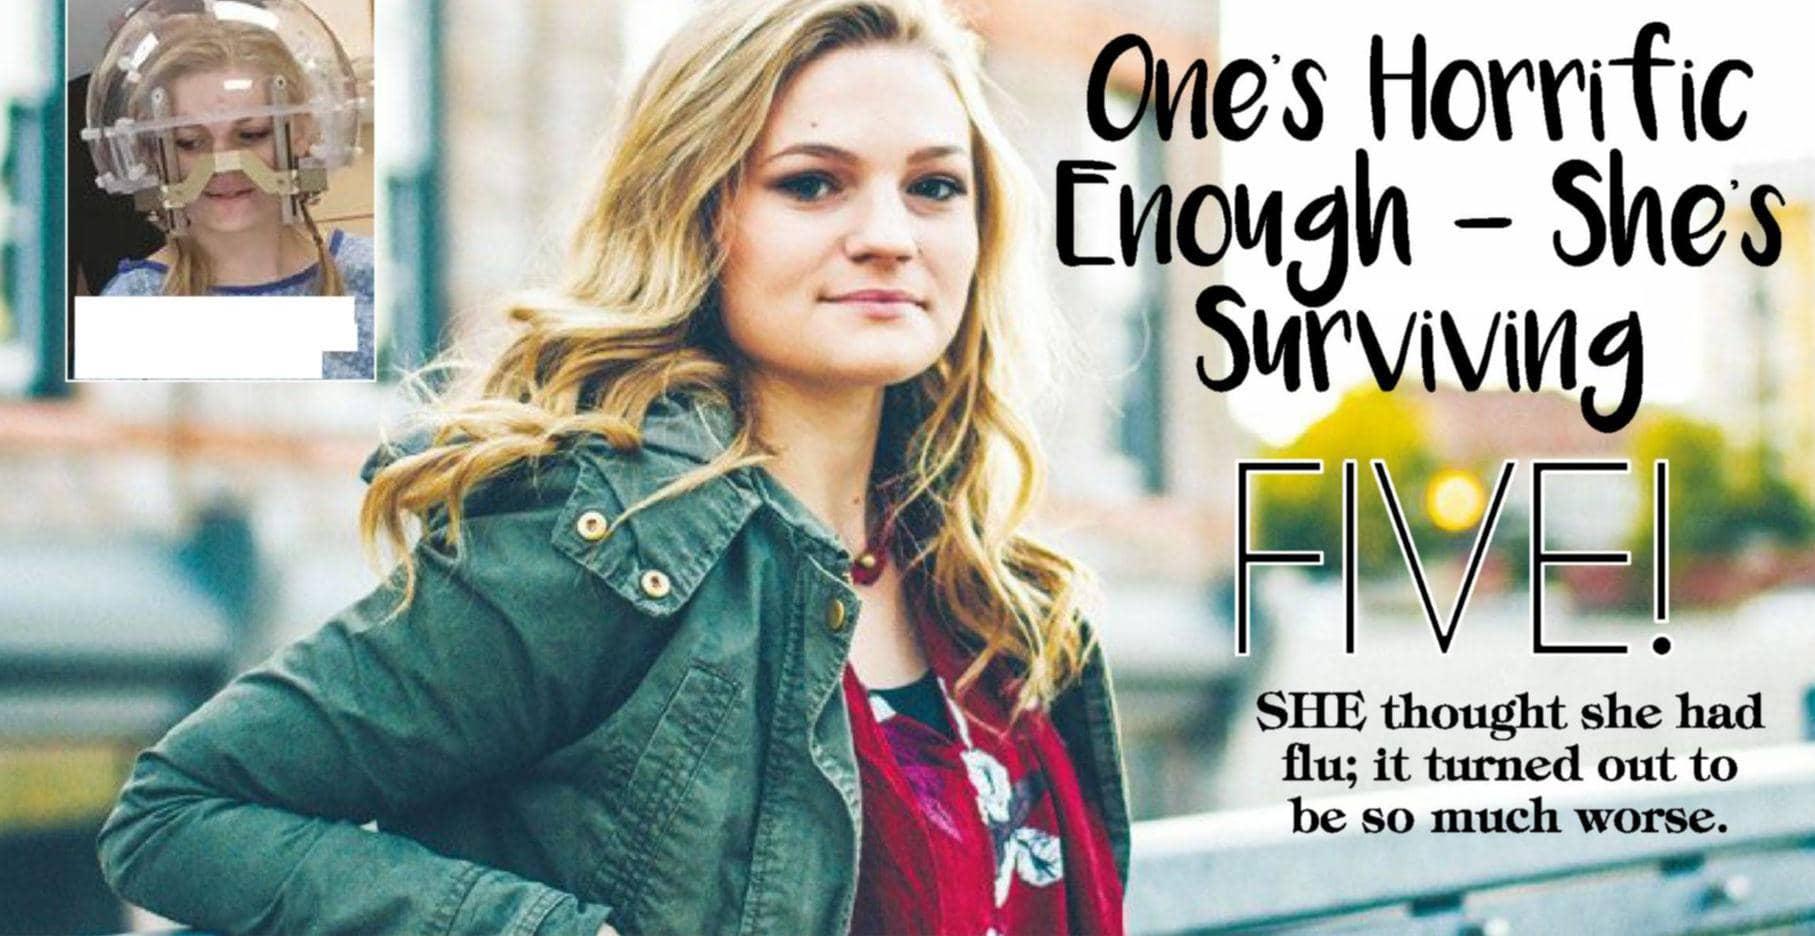 One's Horrific Enough – She's Surviving Five!